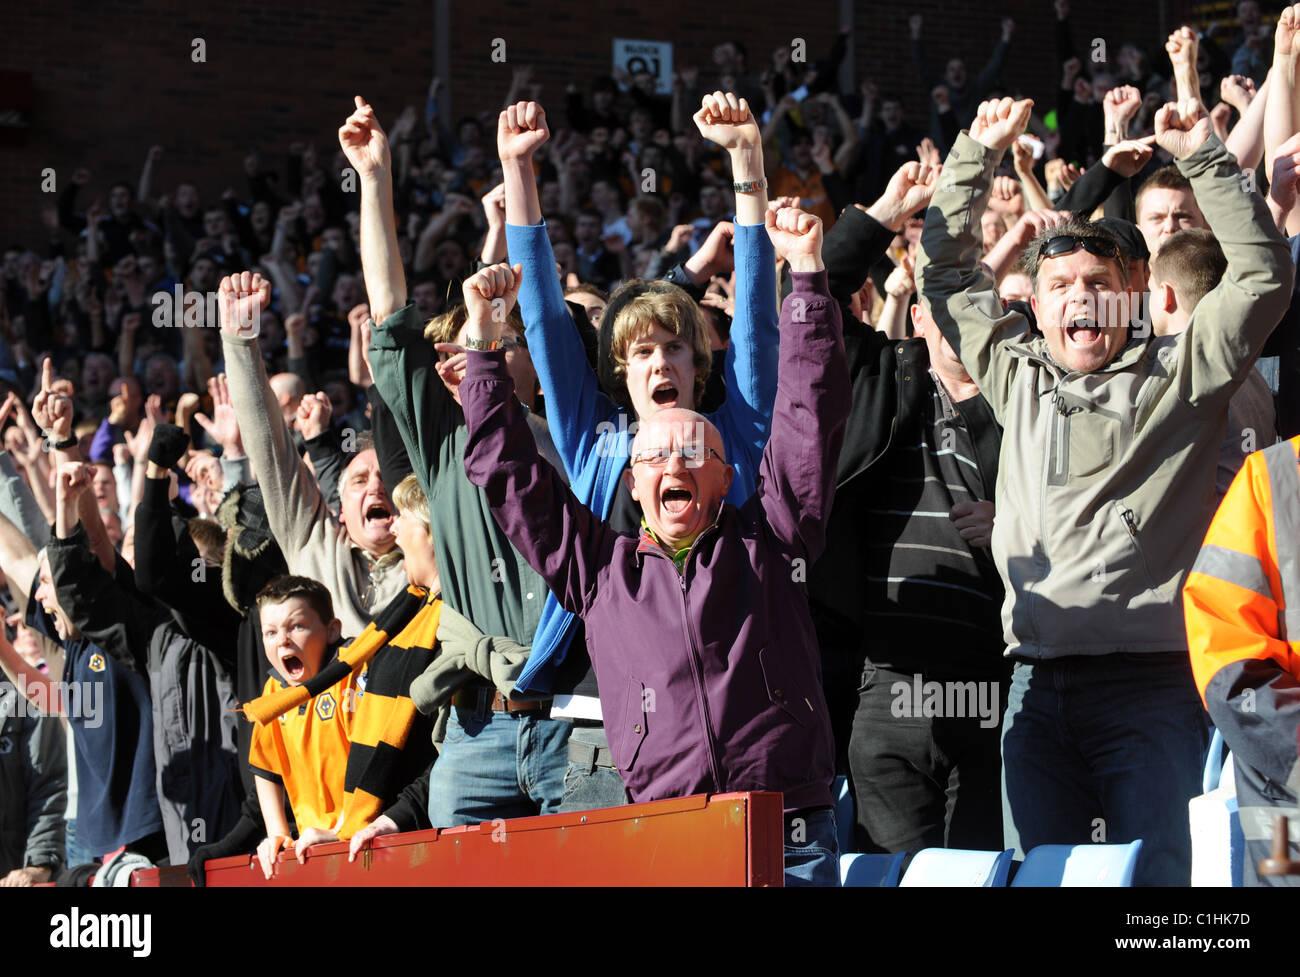 Les supporters de football célèbre un but Photo Stock